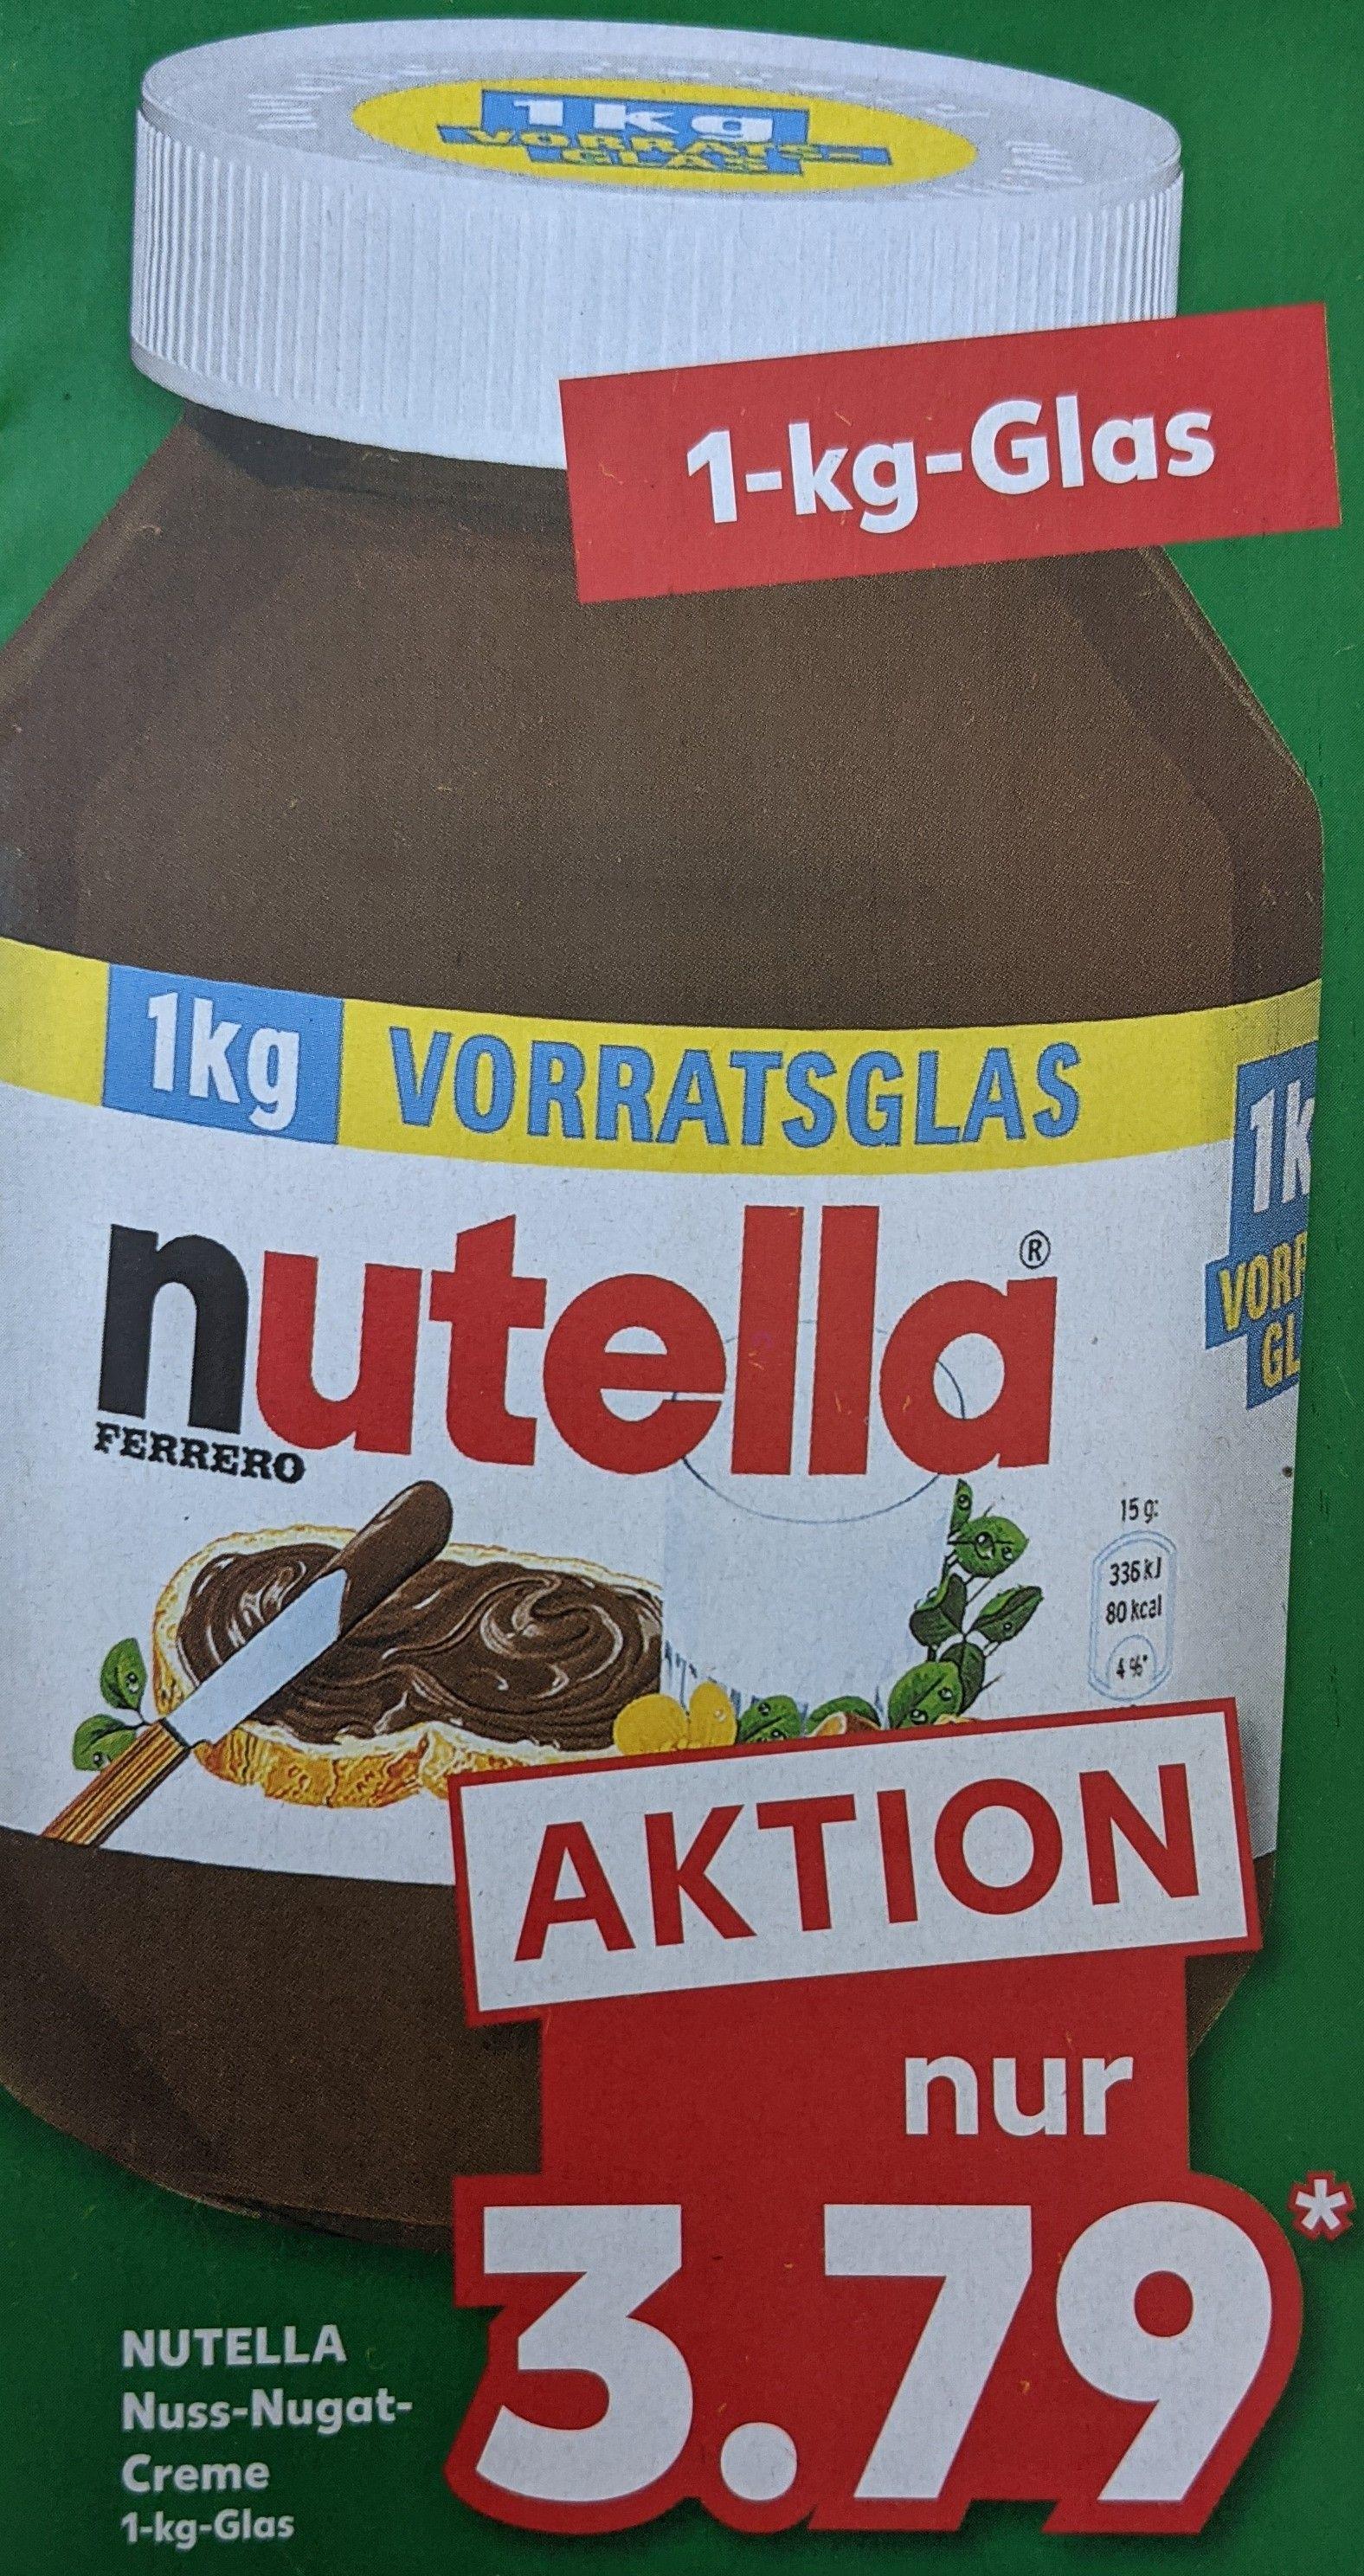 [Kaufland offline] Nutella 1 kg -Glas vom 04.06. - 09.06.